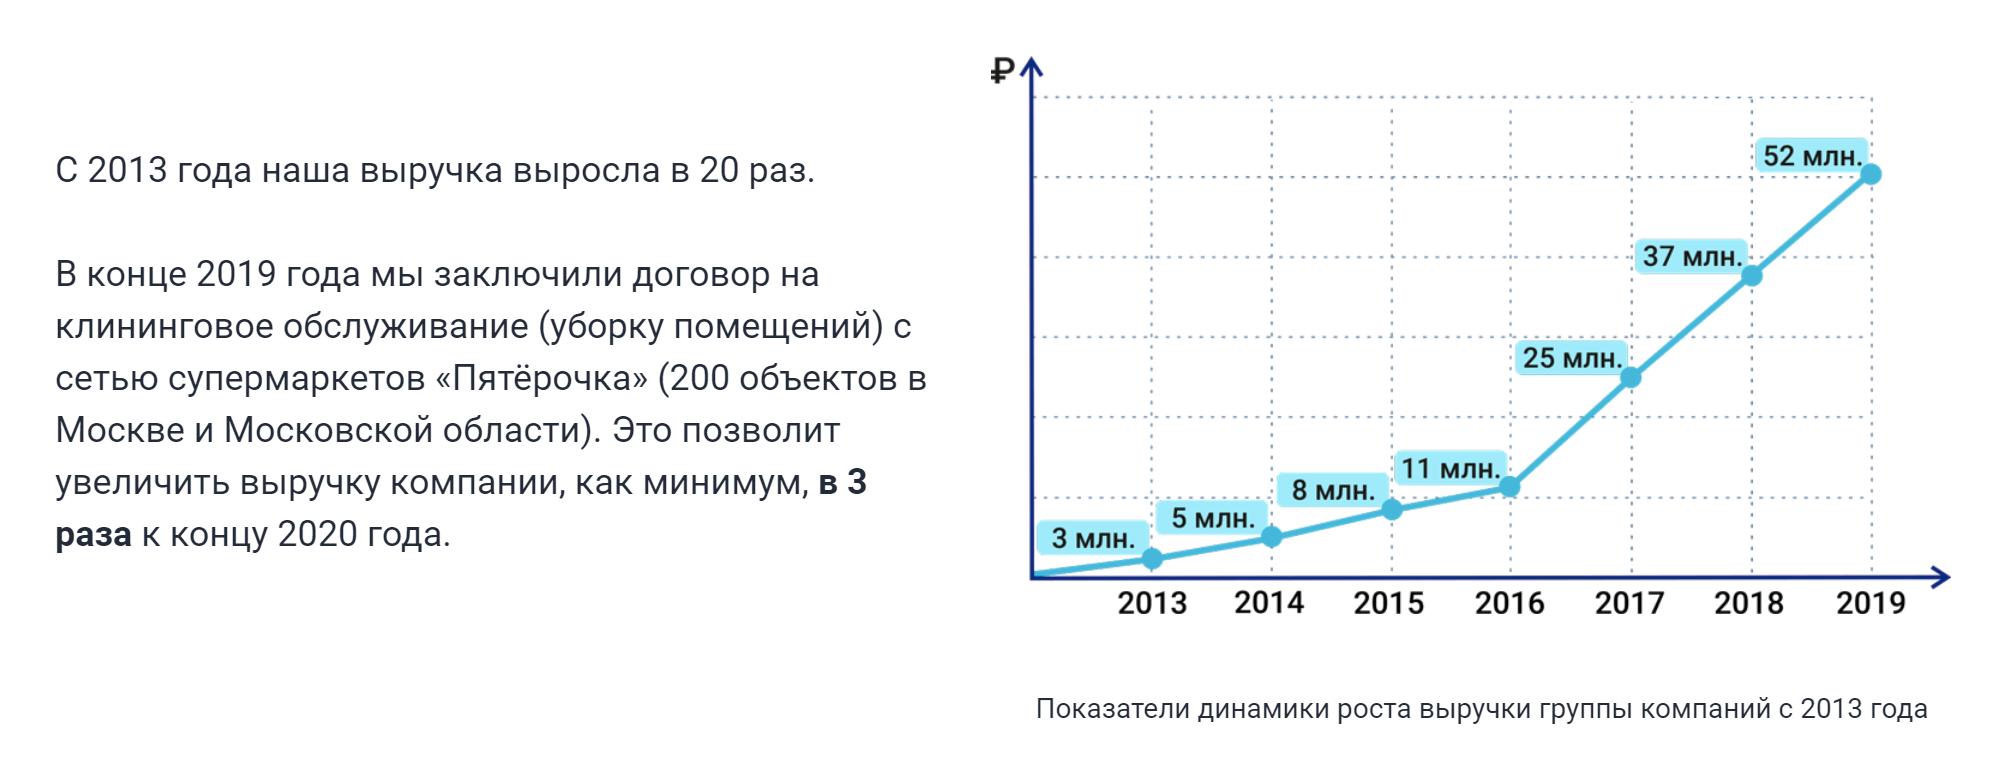 Насвоем сайте компания заявляет о20-кратном росте выручки с2013года. Проверить этуинформацию уменя неполучилось. Компания Сергея Сабрекова называется иначе изаработала в2020году всего 17тысяч рублей